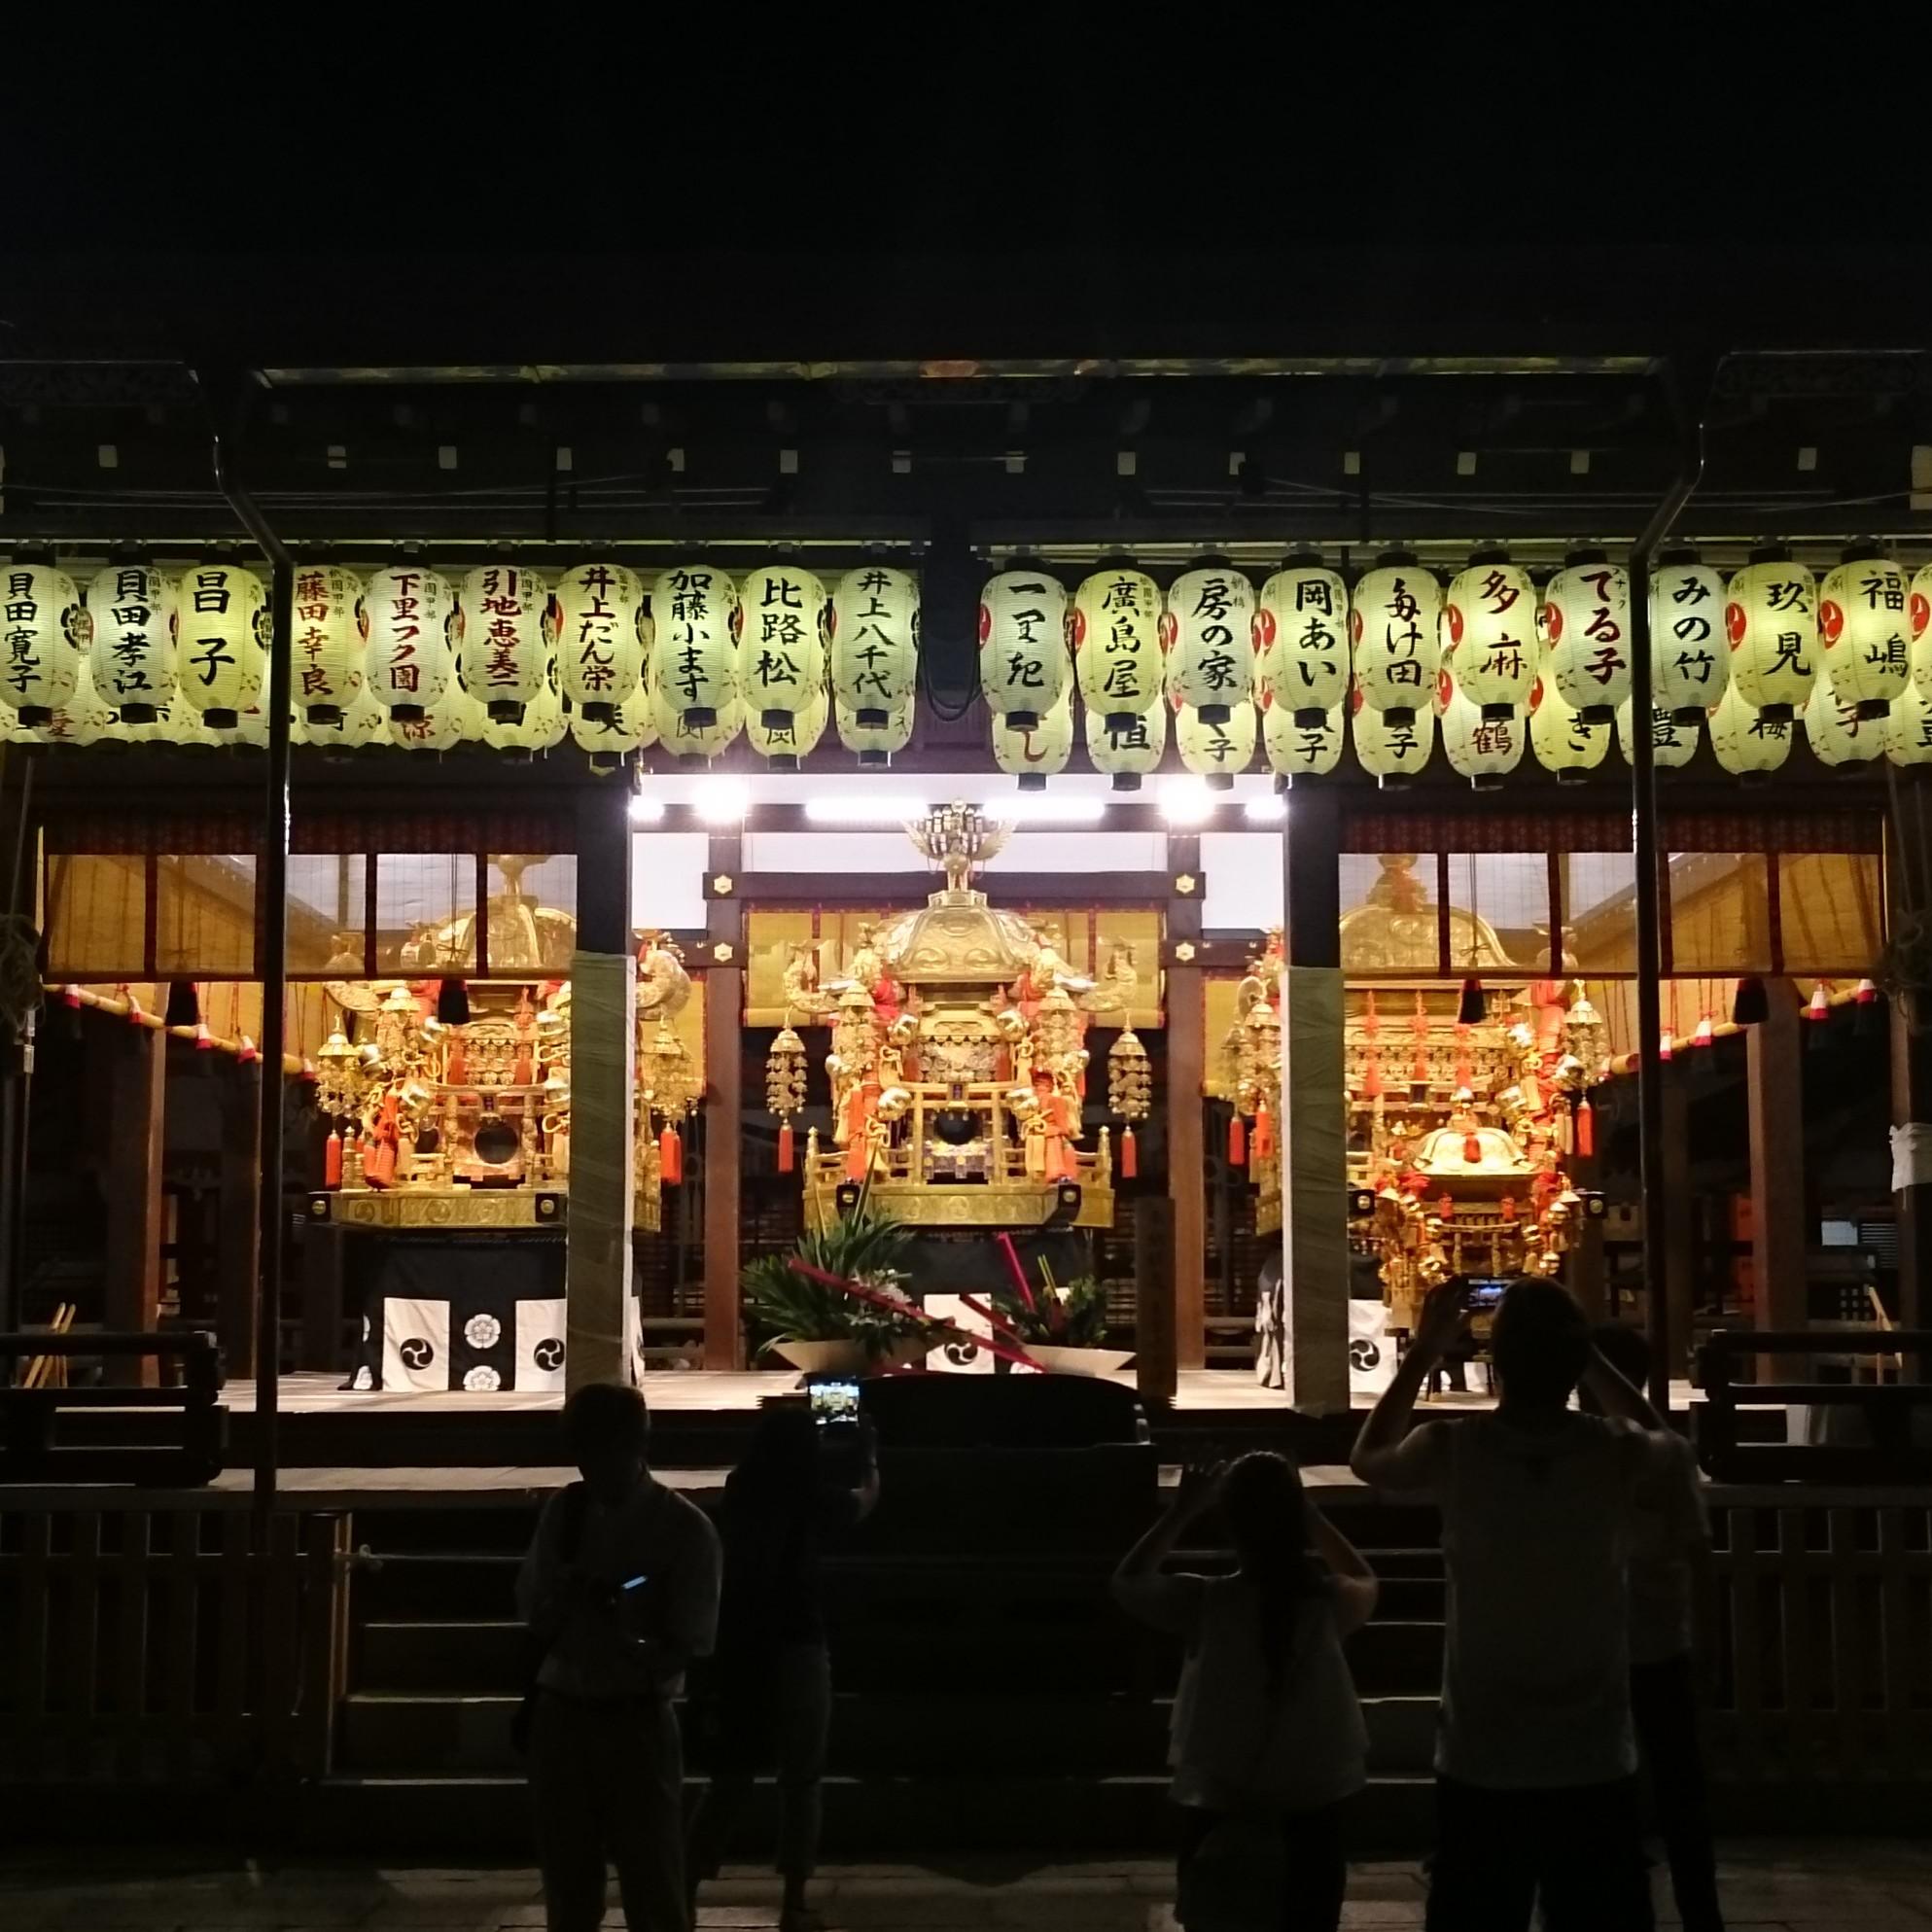 祇園祭 宵宮祭